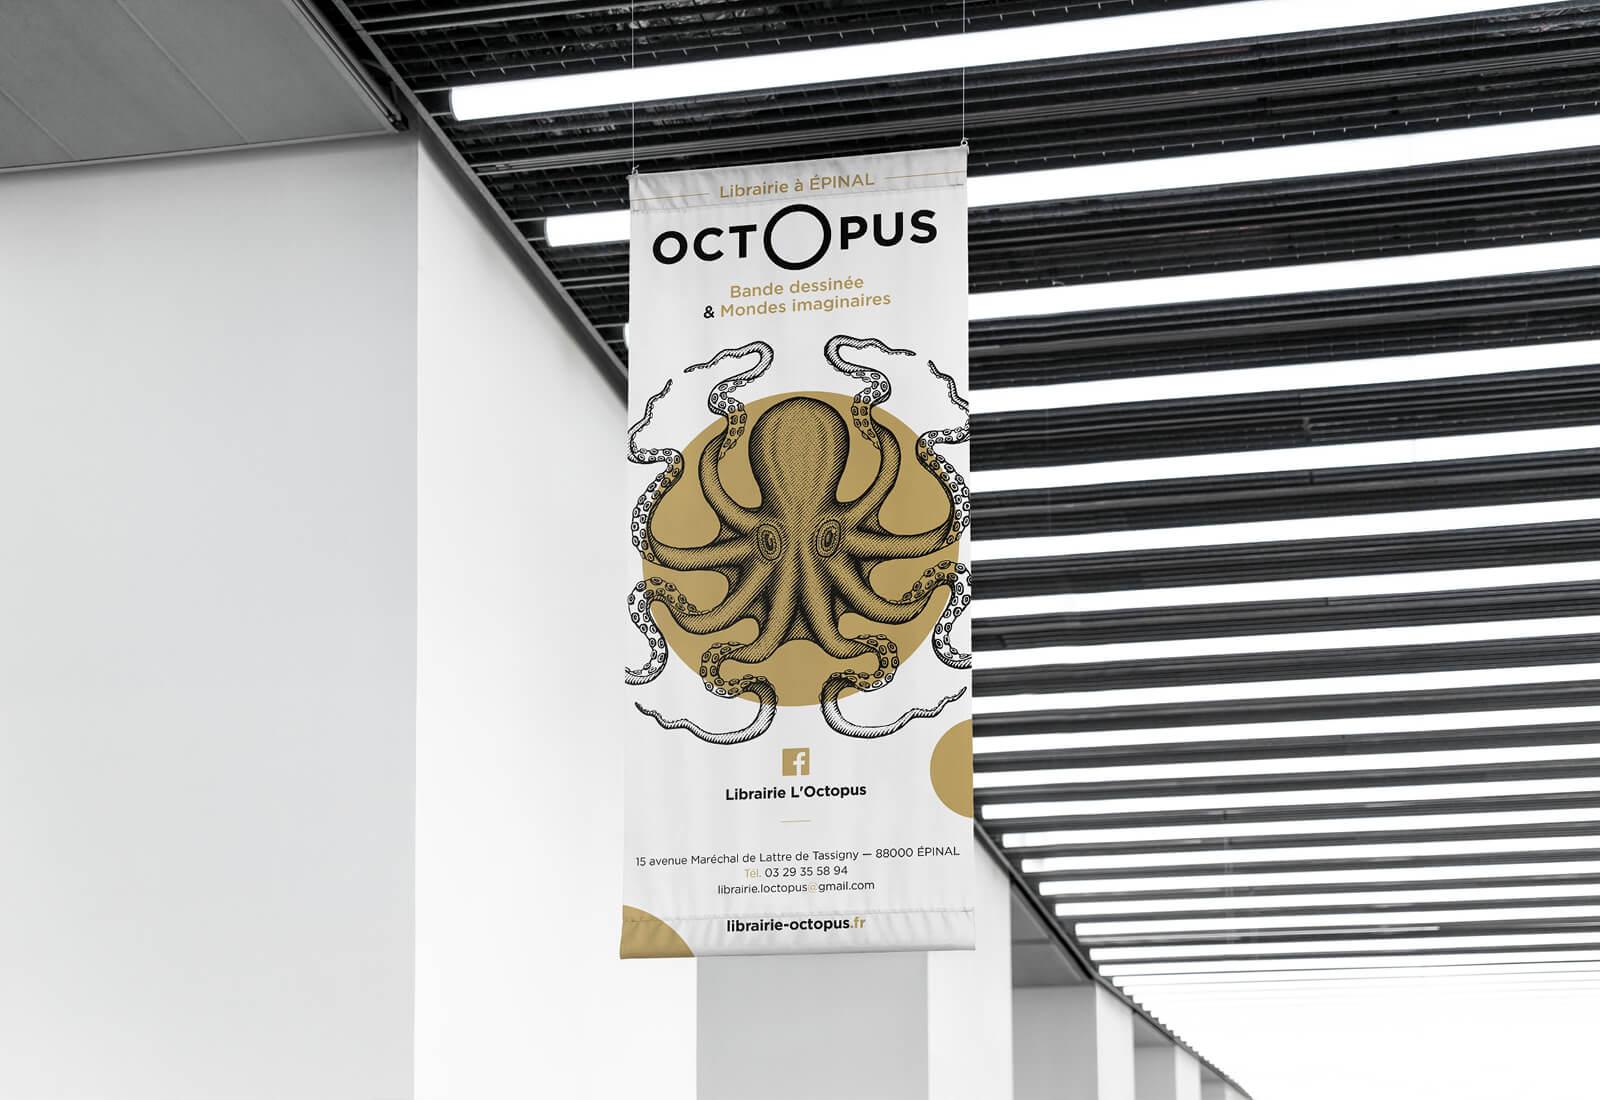 libraire octopus